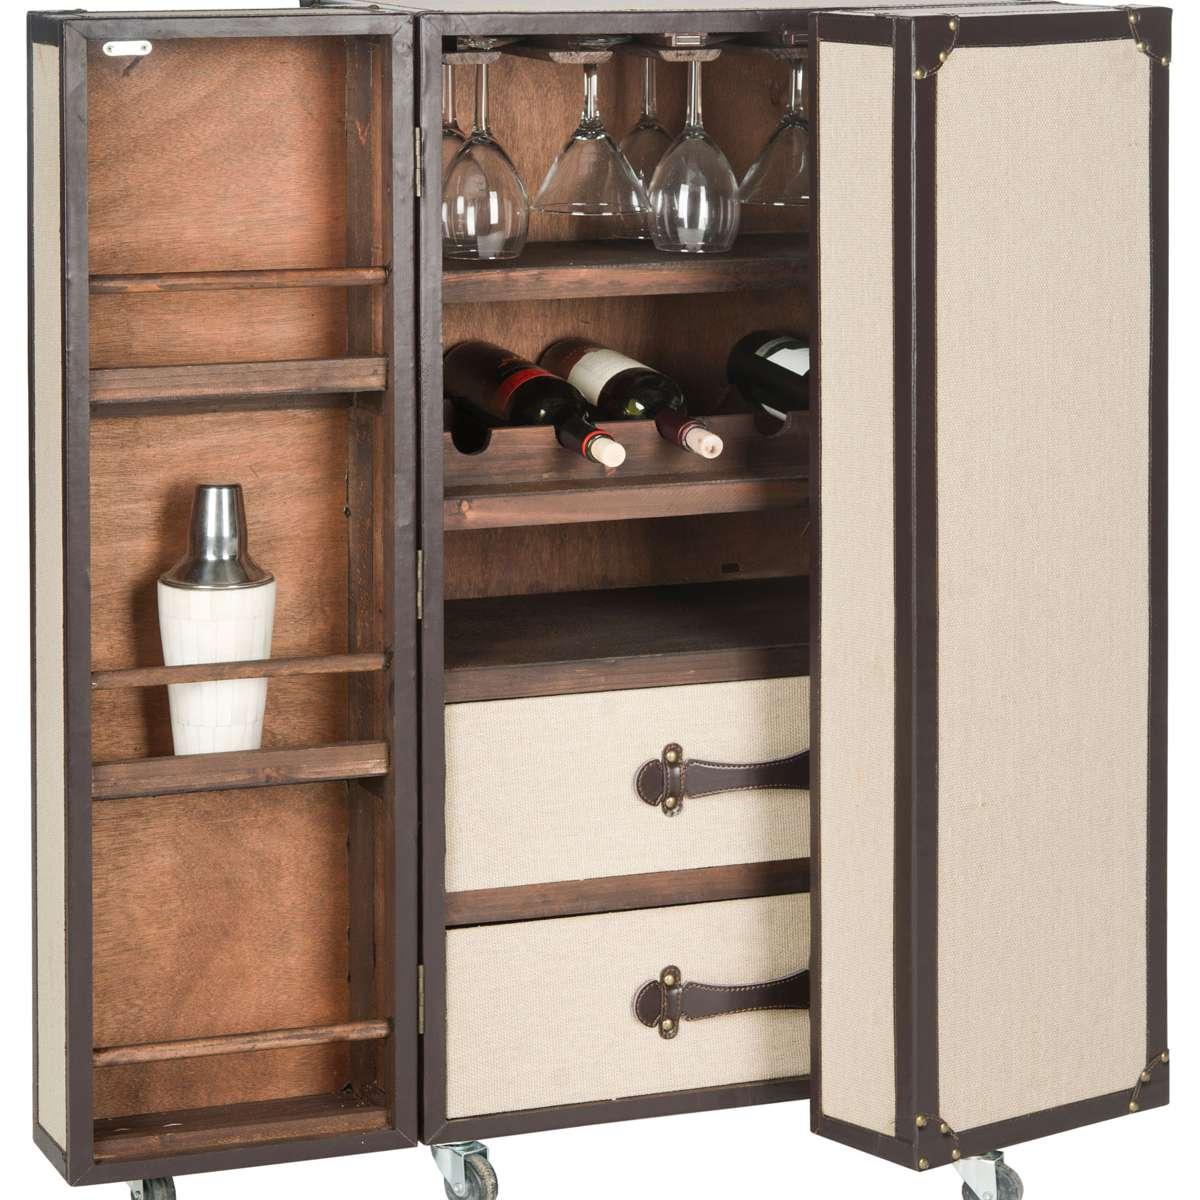 Safavieh Grayson Bar Cabinet in Beige